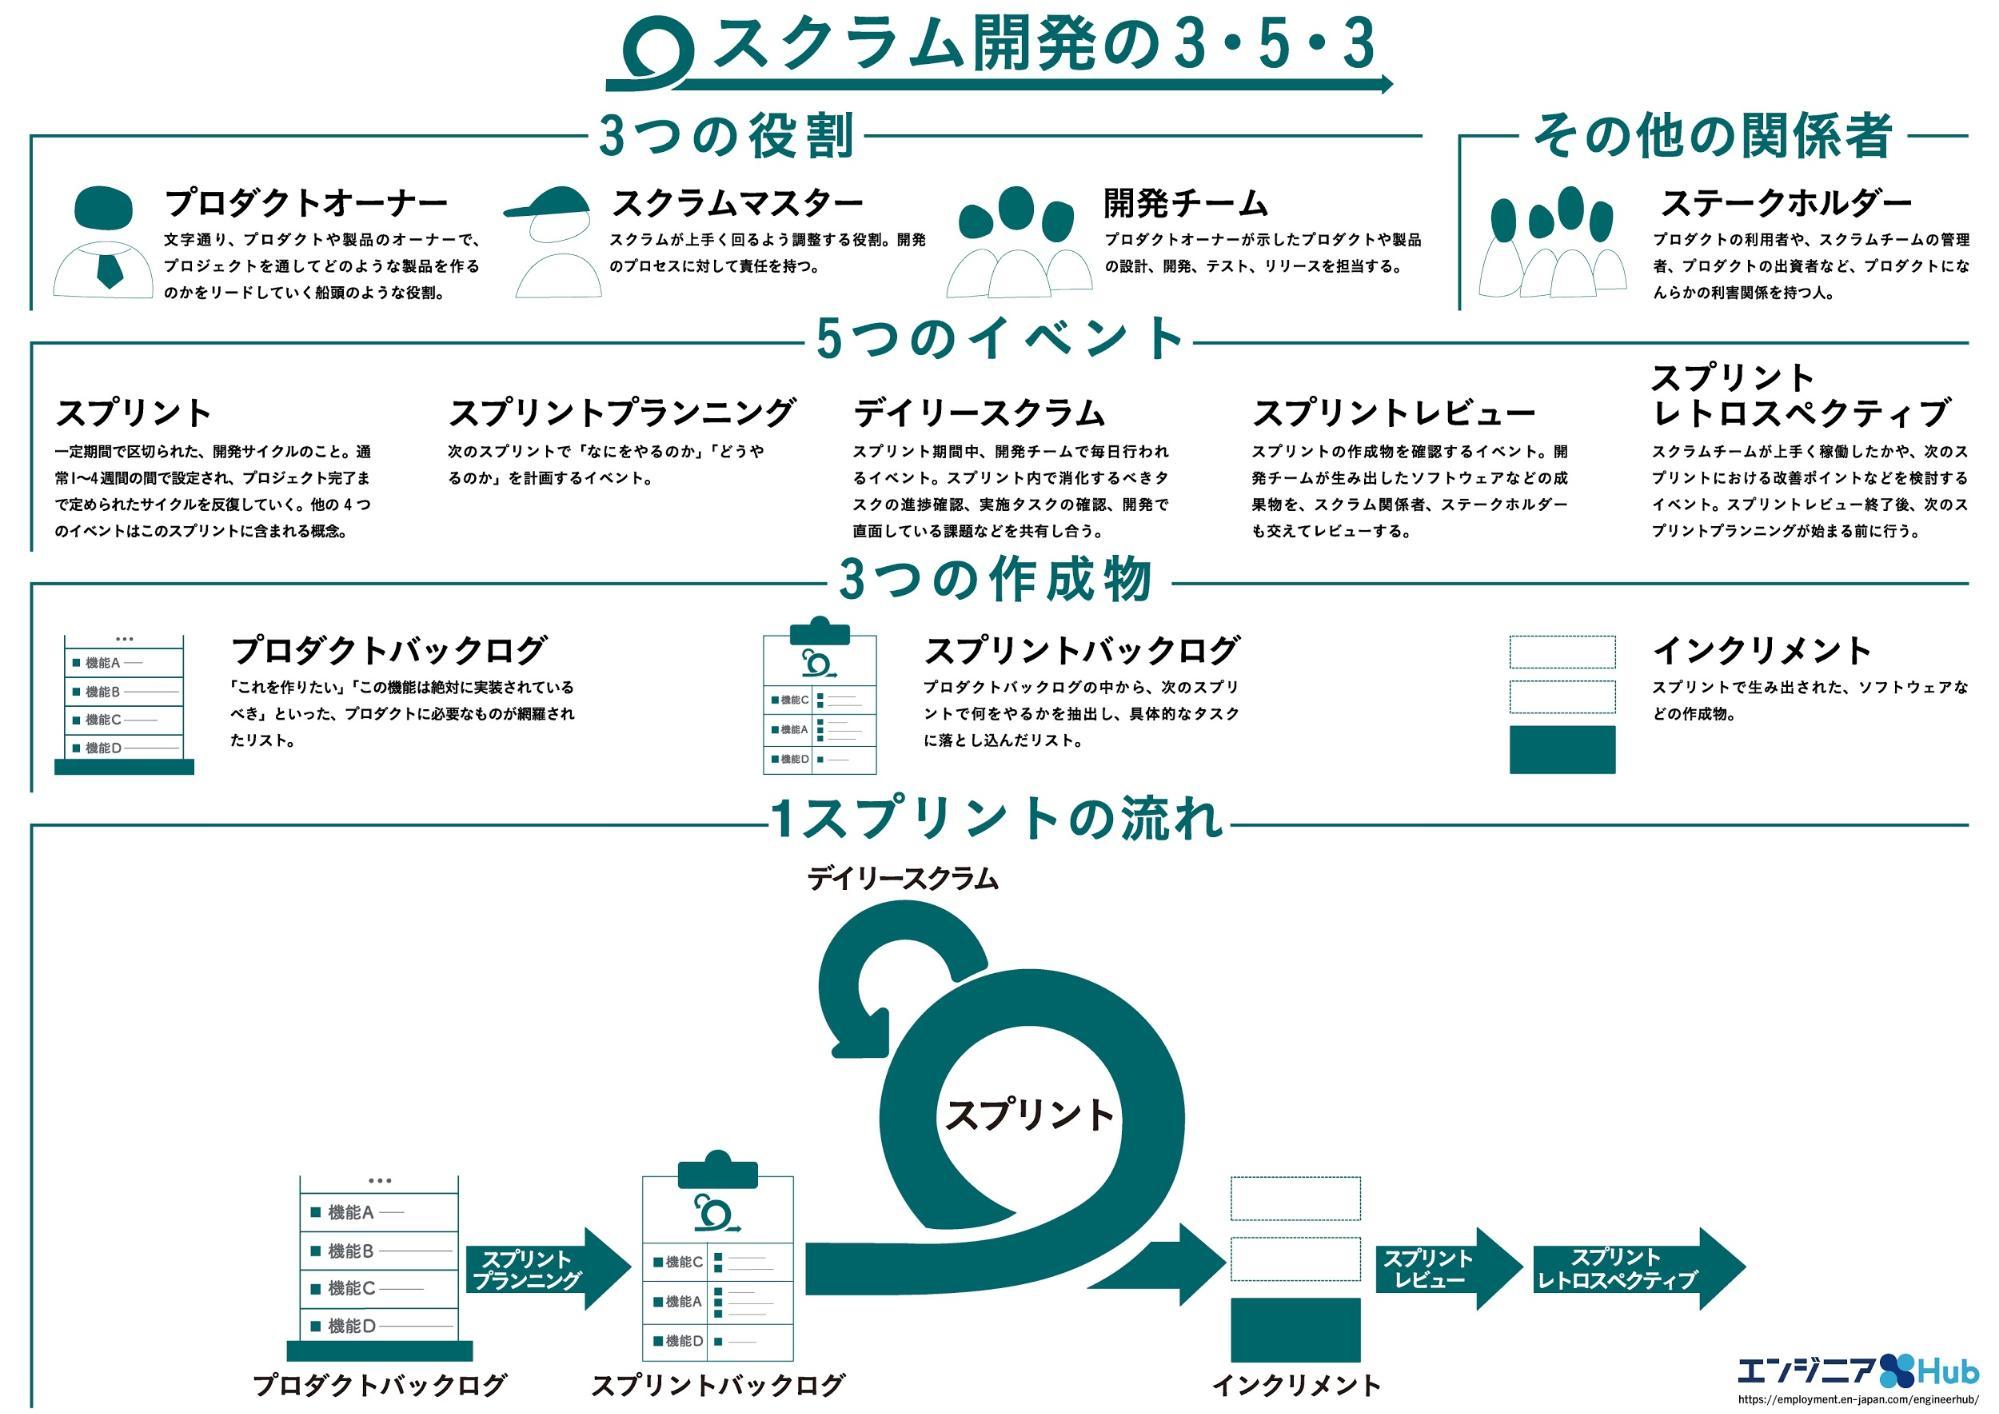 スクラムにおける3つの役割、5つのイベント、3つの作成物まとめと、スプリントの流れ資料